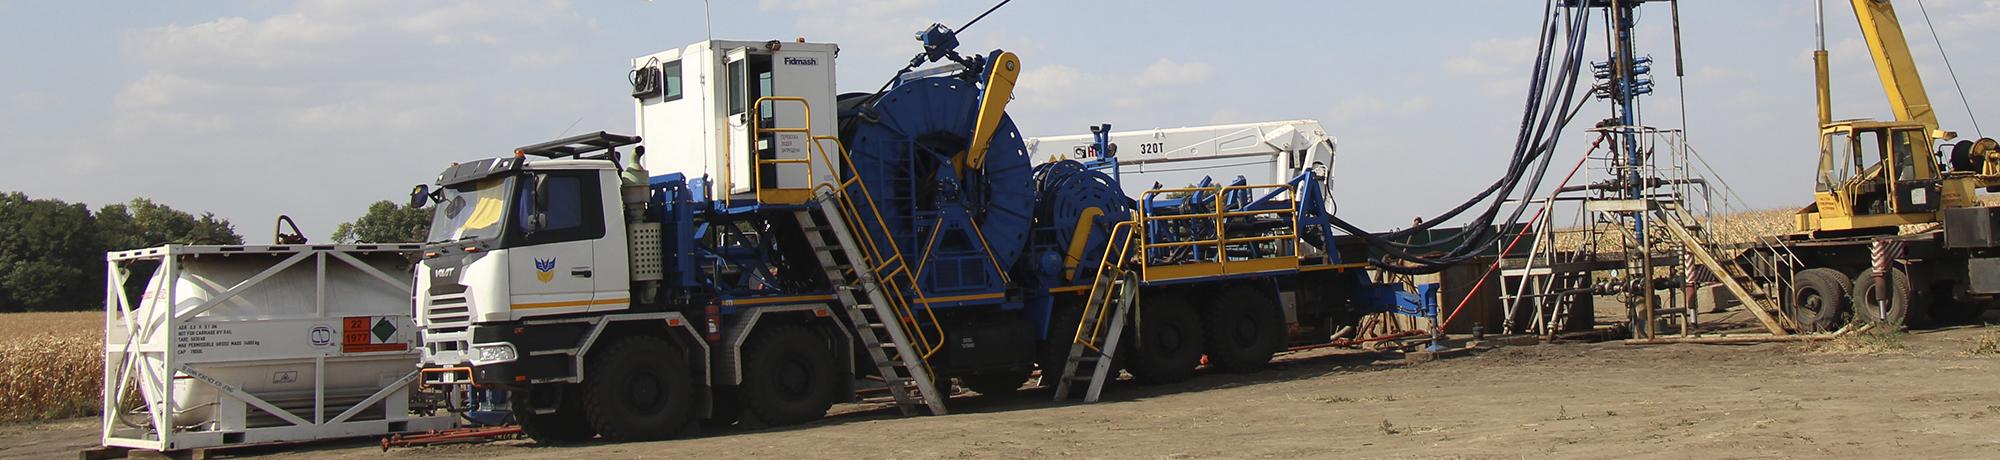 Капітальний ремонт свердловин і колтюбінгові технології - 1